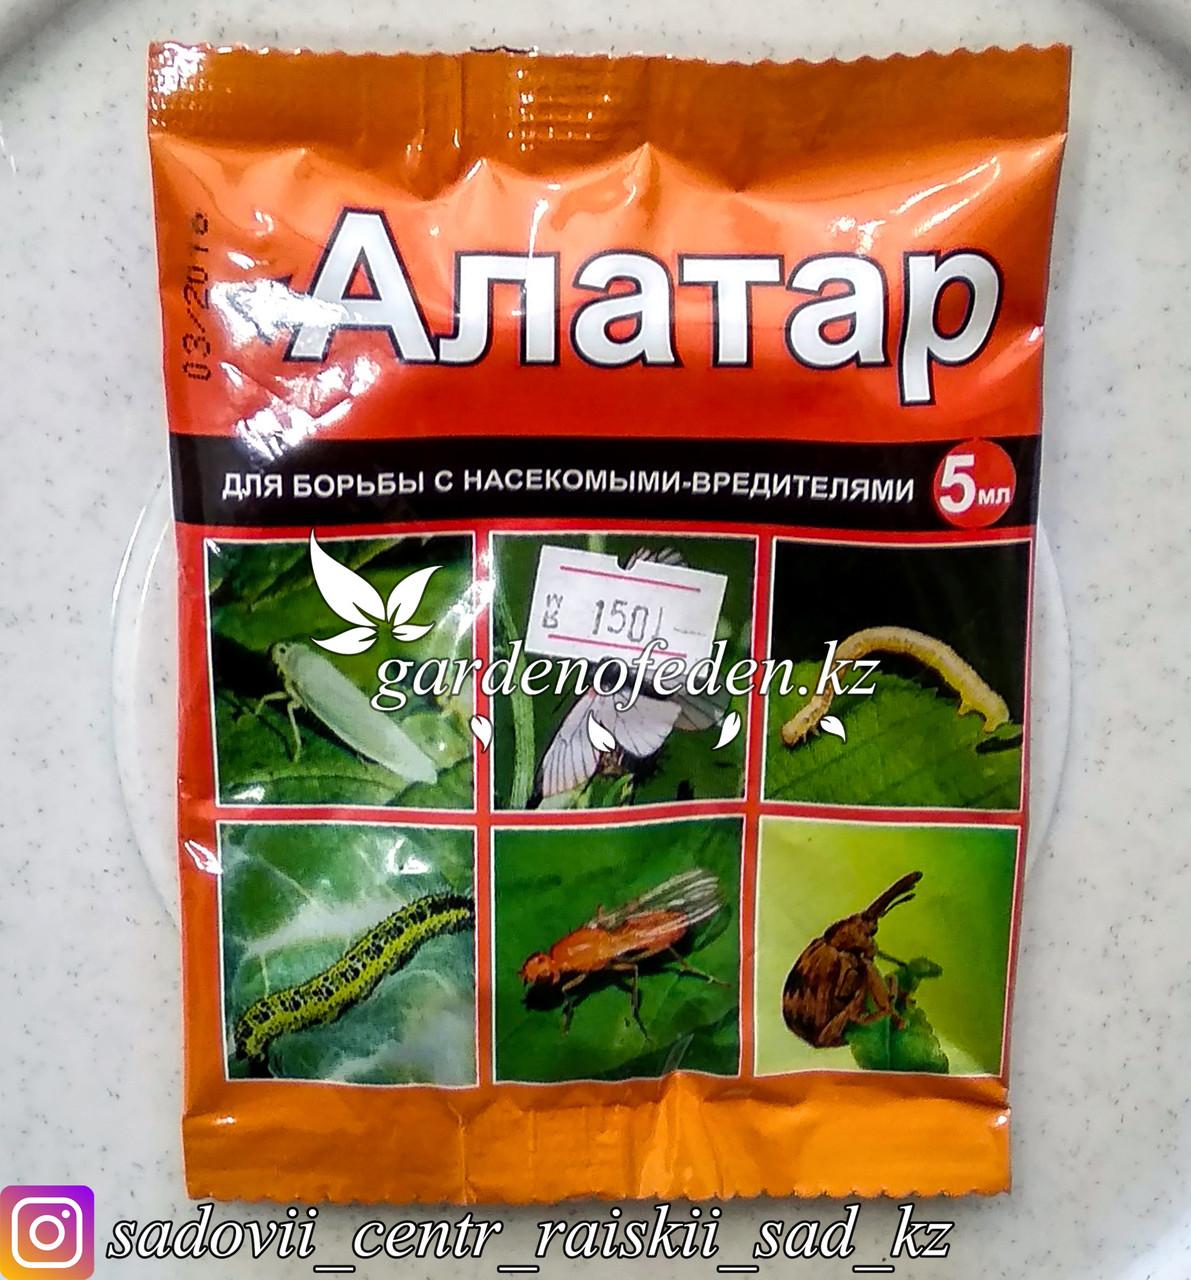 """Средство для борьбы с насекомыми-вредителями Ваше хозяйство """"Алатар"""", 25 мл."""